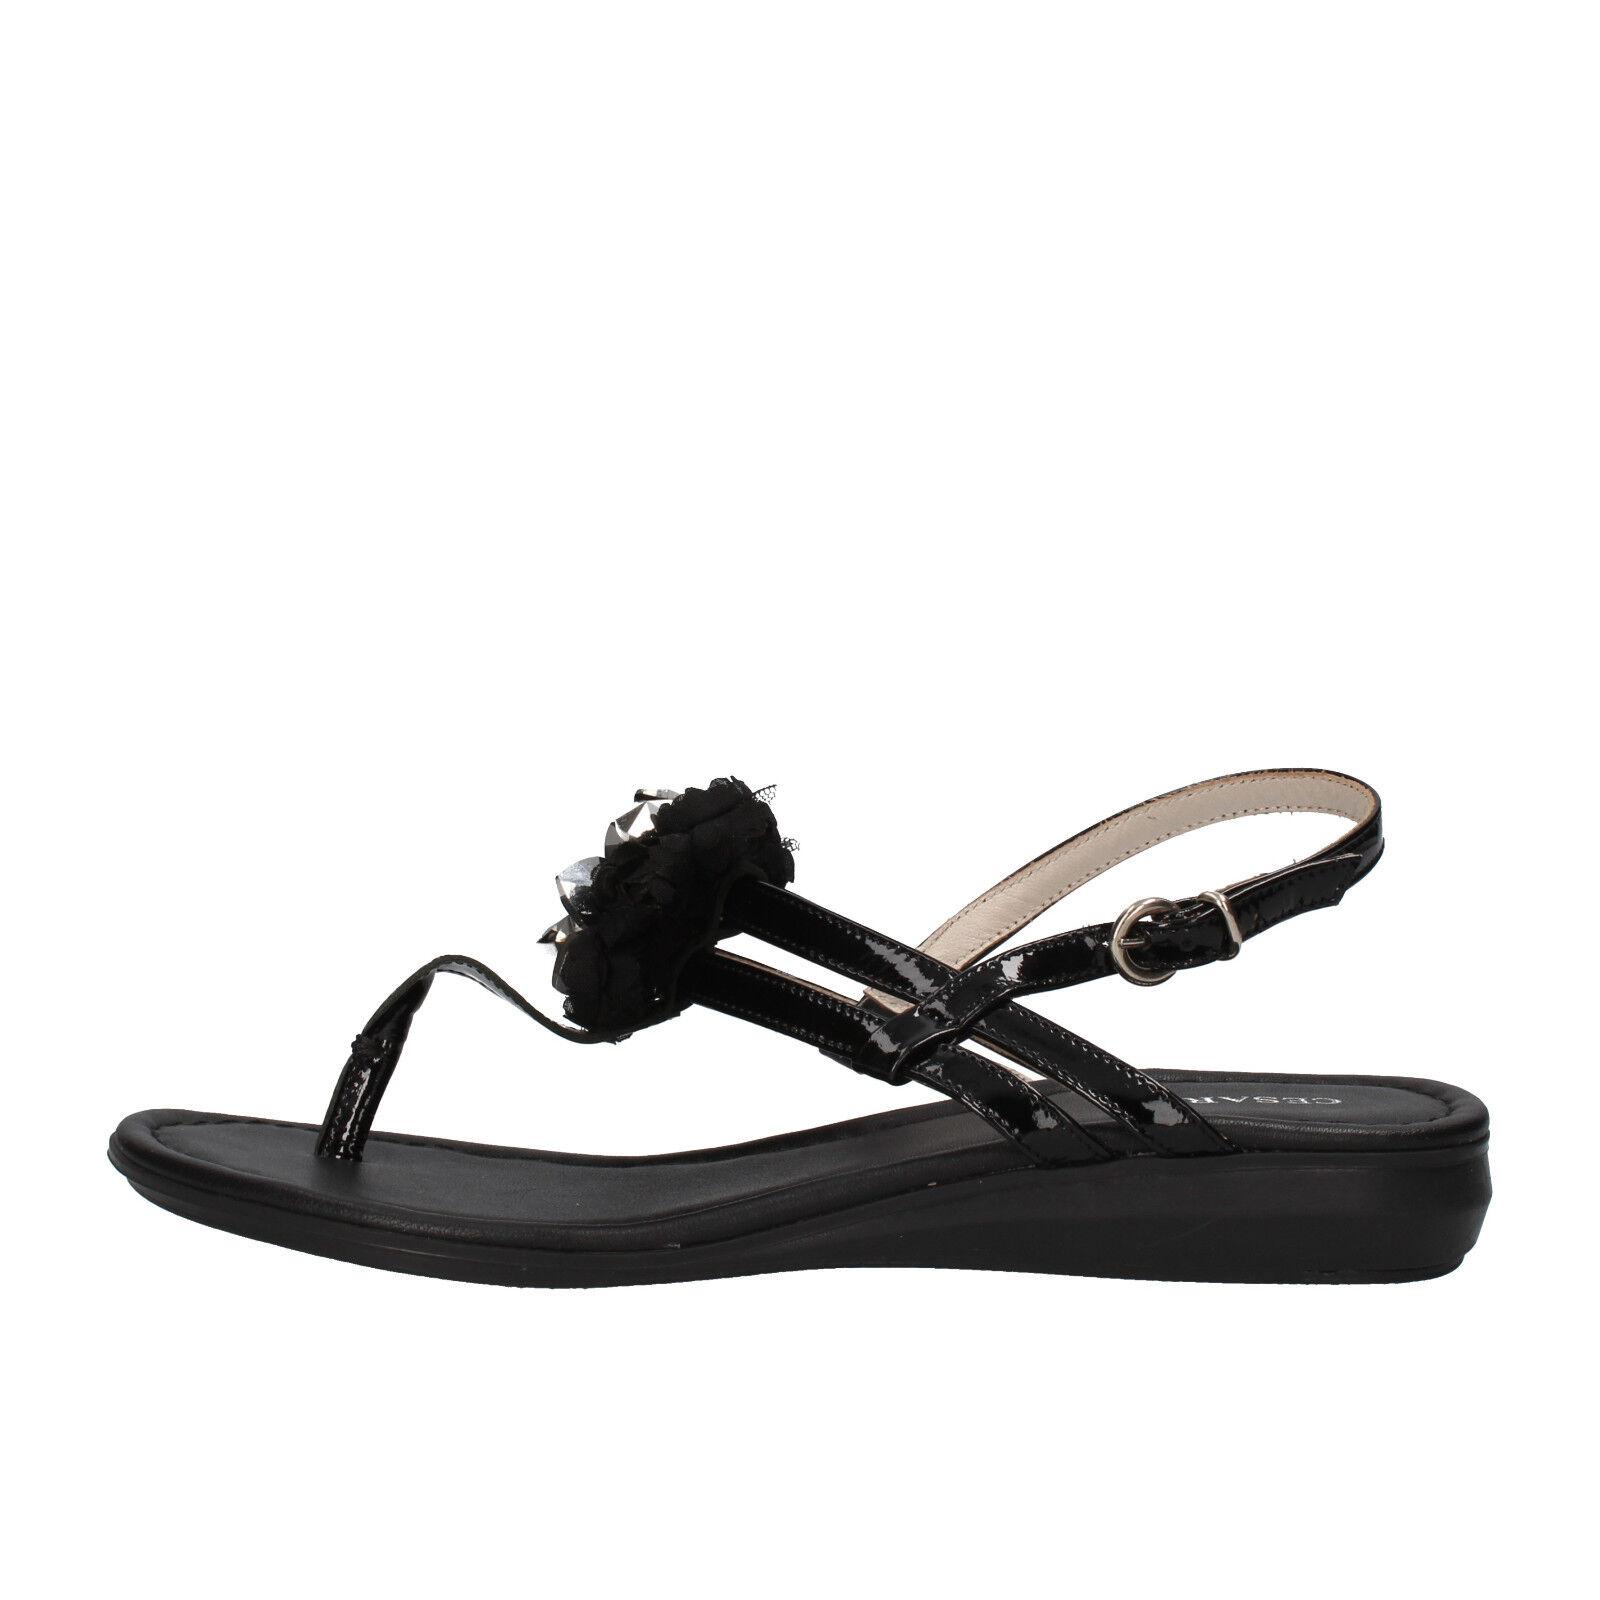 scarpe donna CESARE P. 37 sandali nero vernice AF933